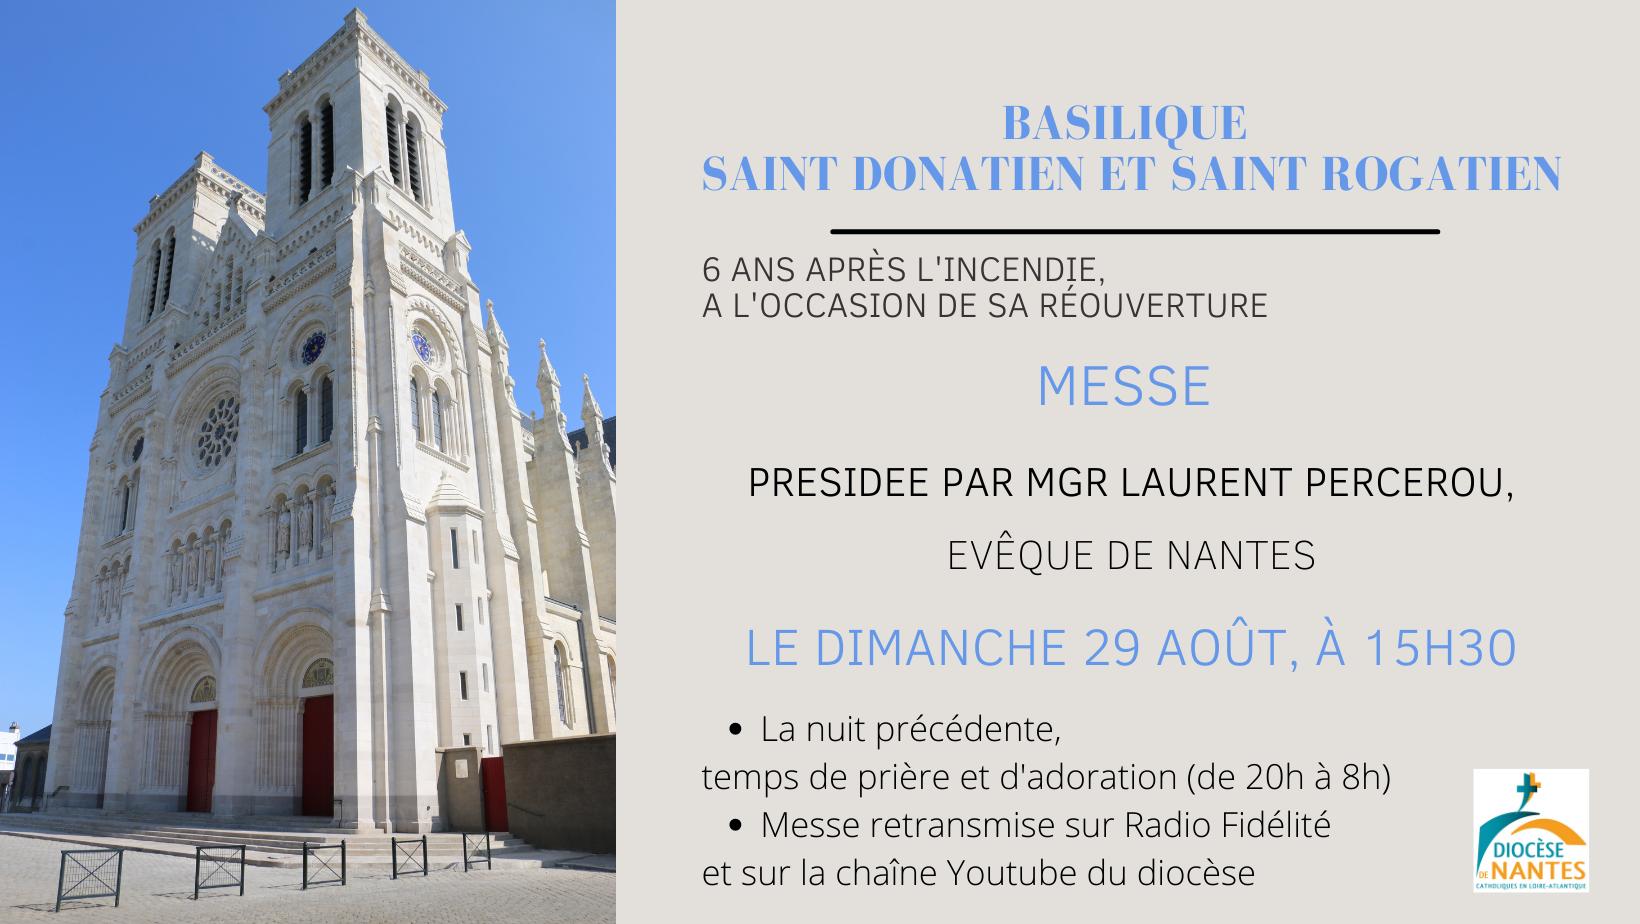 Réouverture basilique saint Donatien et saint Rogatien